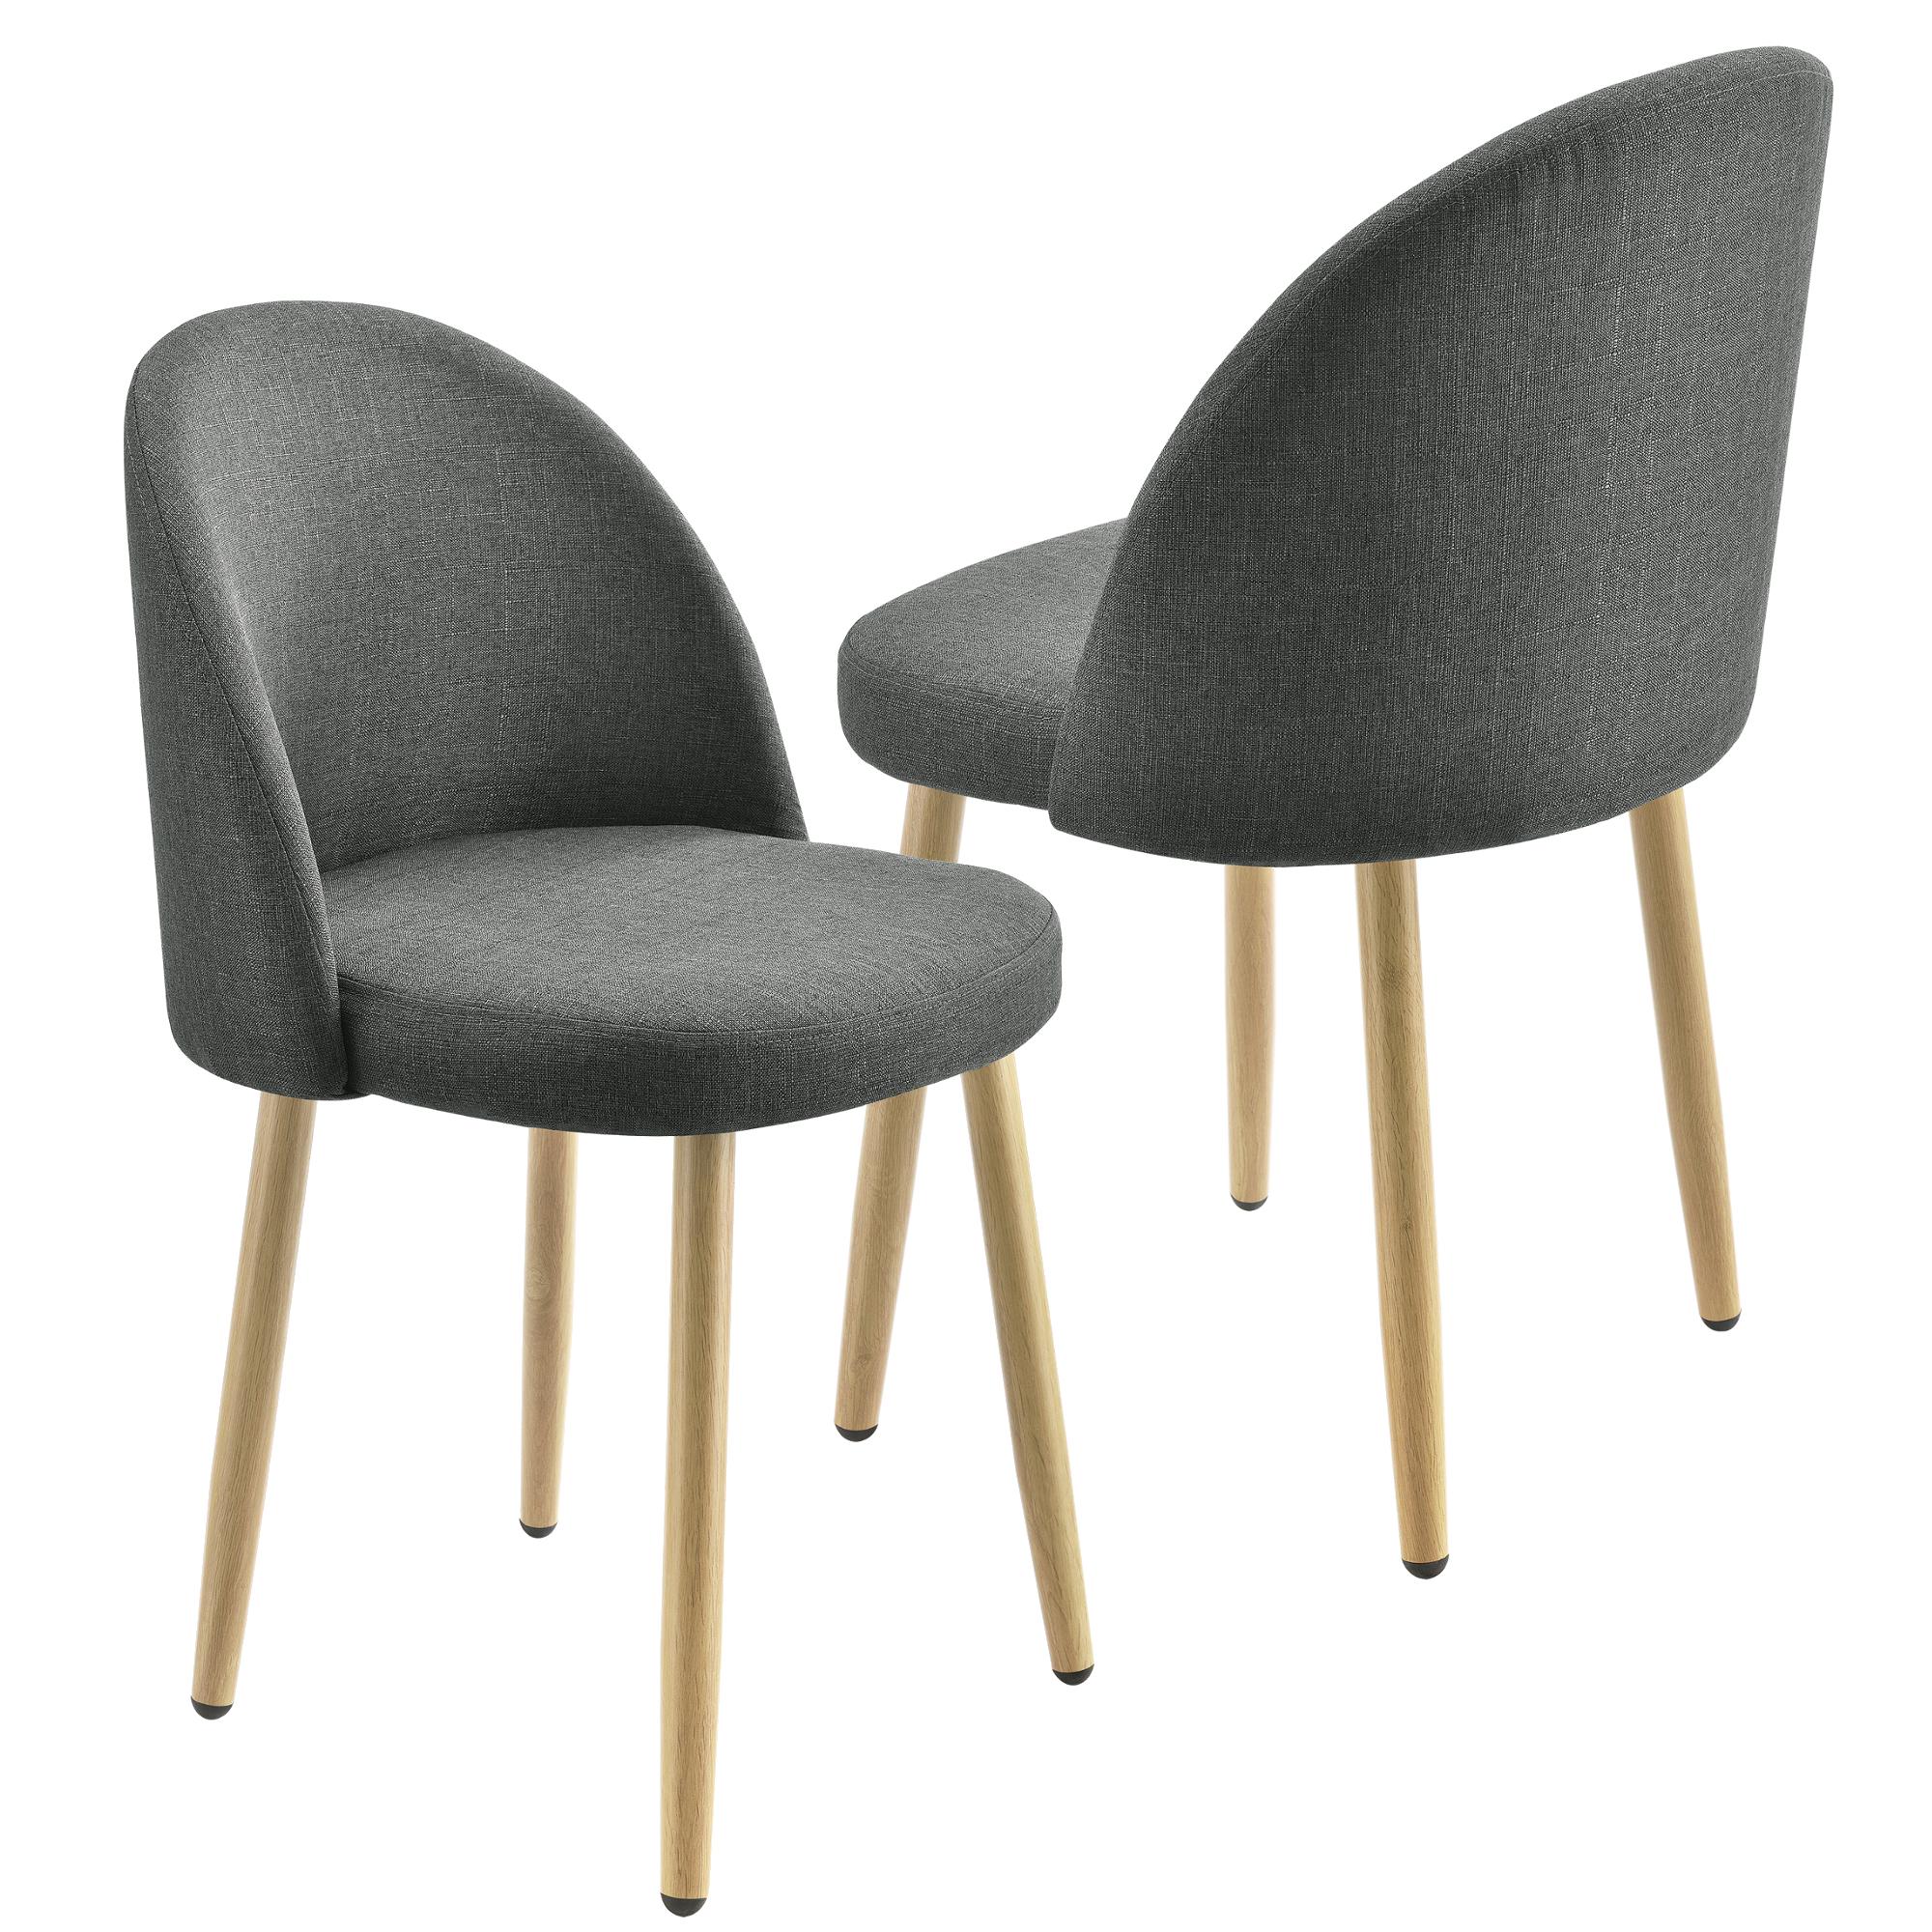 Detalles de en.casa Juego de sillas Comedor 76x44cm Silla en textil Cocina  Set Gris oscuro